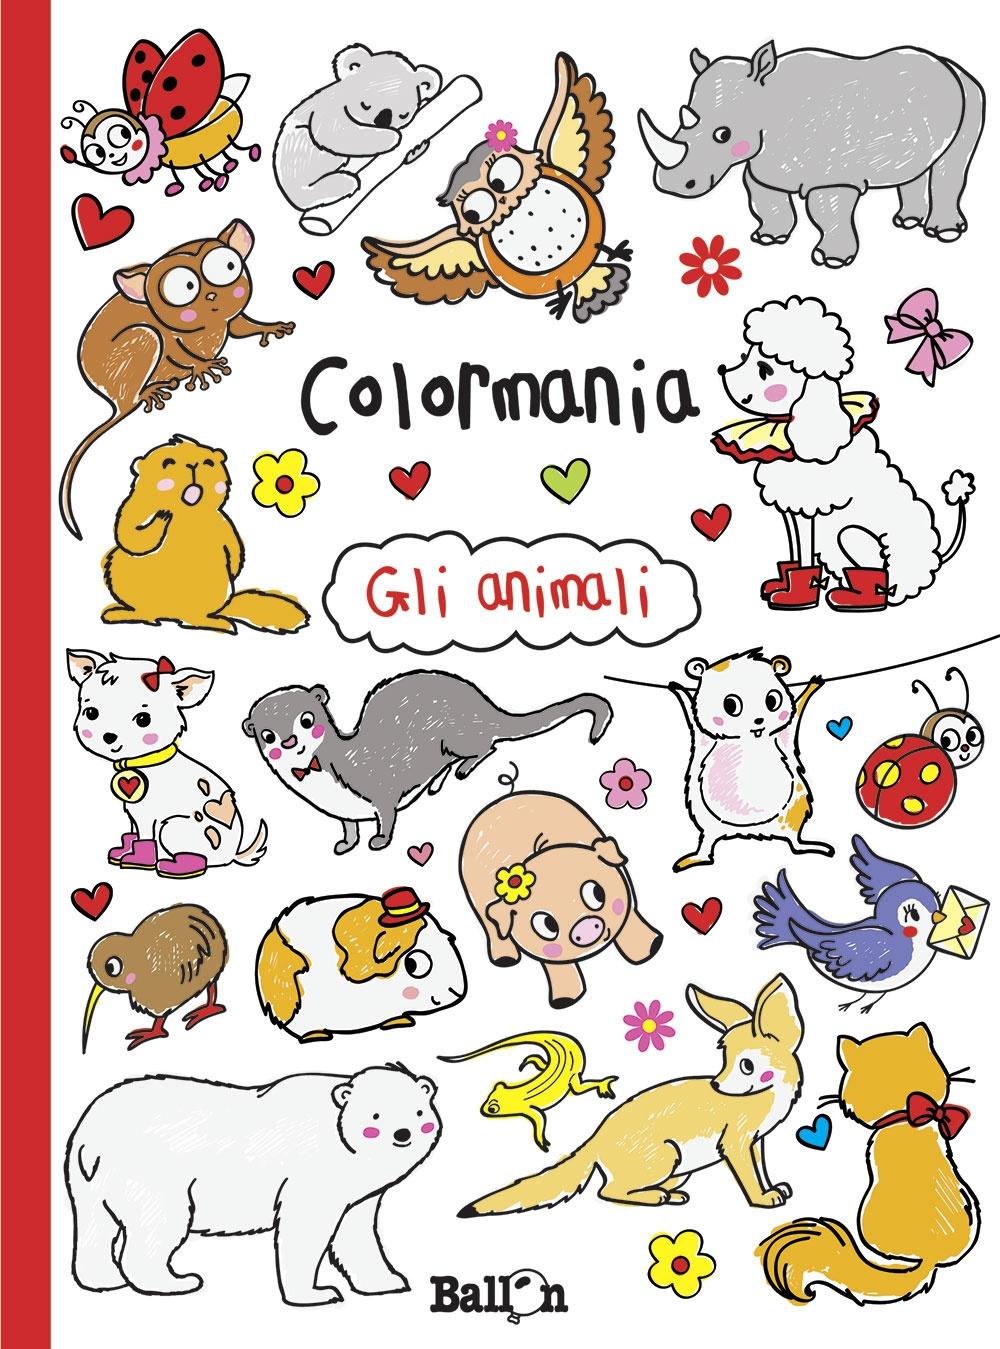 Gli animali. Colormania. Ediz. illustrata